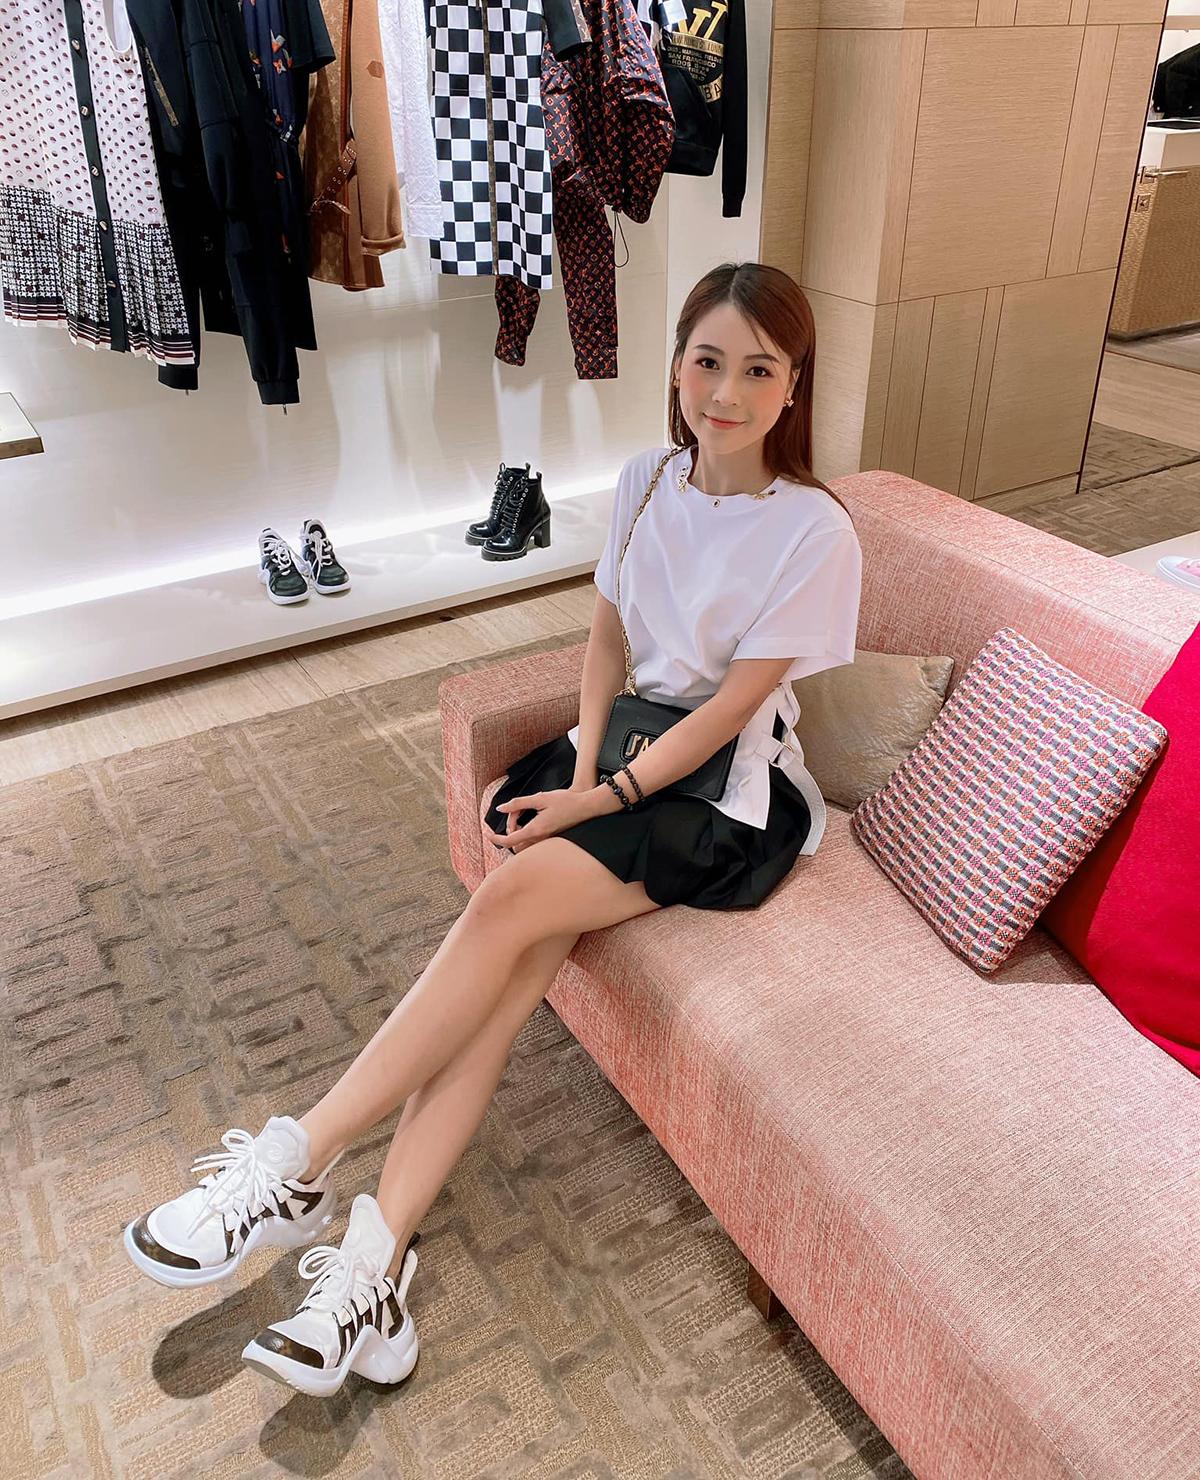 Sam cũng chọn khu vực ghế ngồi để tranh thủ pose hình khoe chân dài trong cửa hàng đẳng cấp của Louis Vuitton.